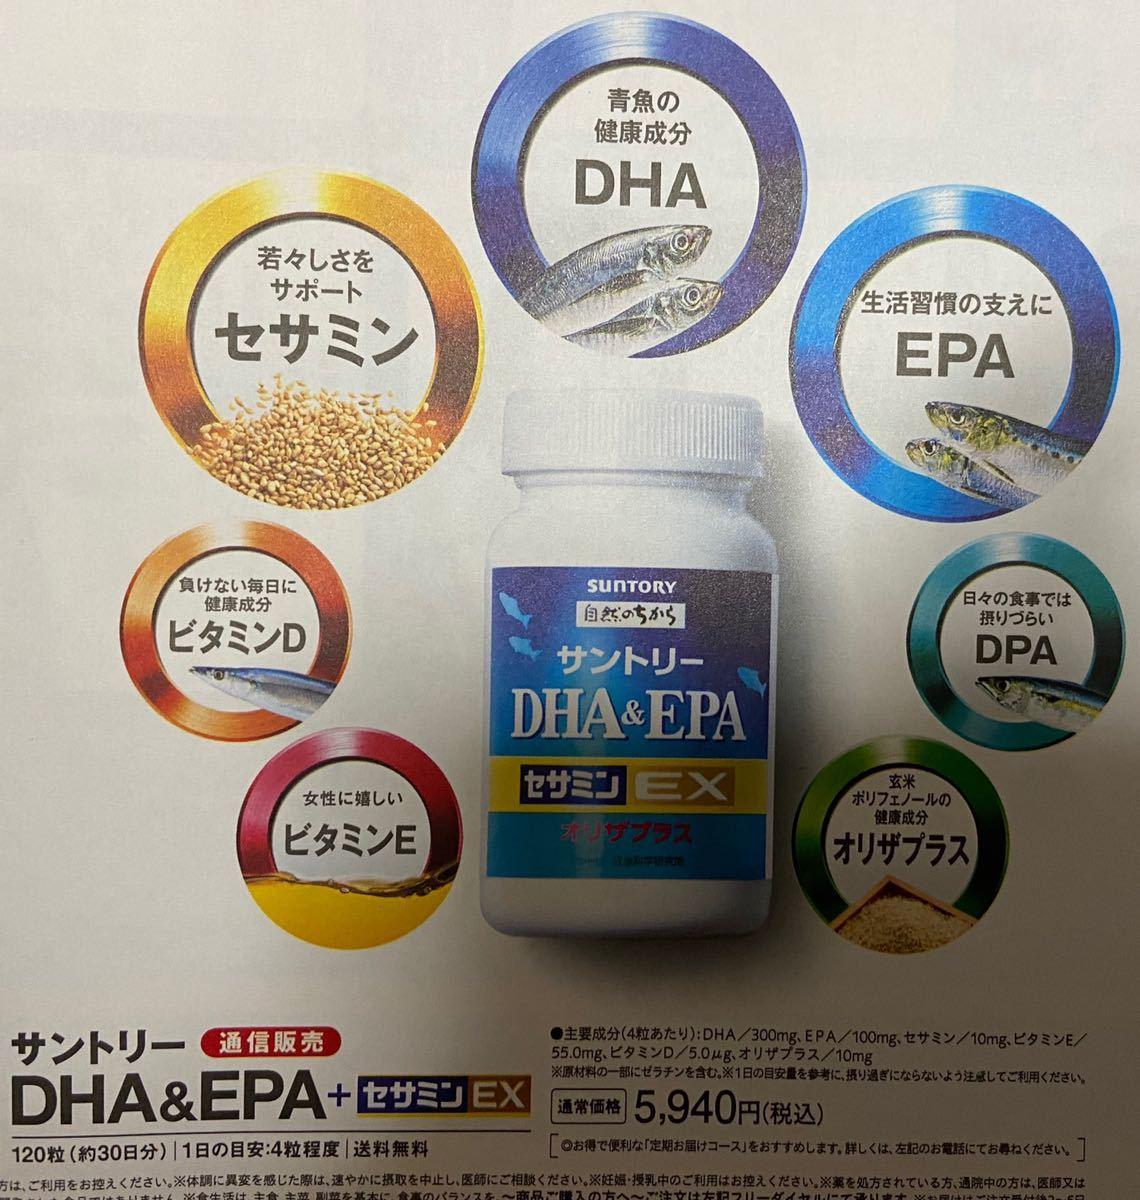 サントリーDHA&EPA セサミンEX サントリーサプリメント 健康食品 定価5940円→無料→申込用紙20枚 無料応募申込用紙20枚_画像1